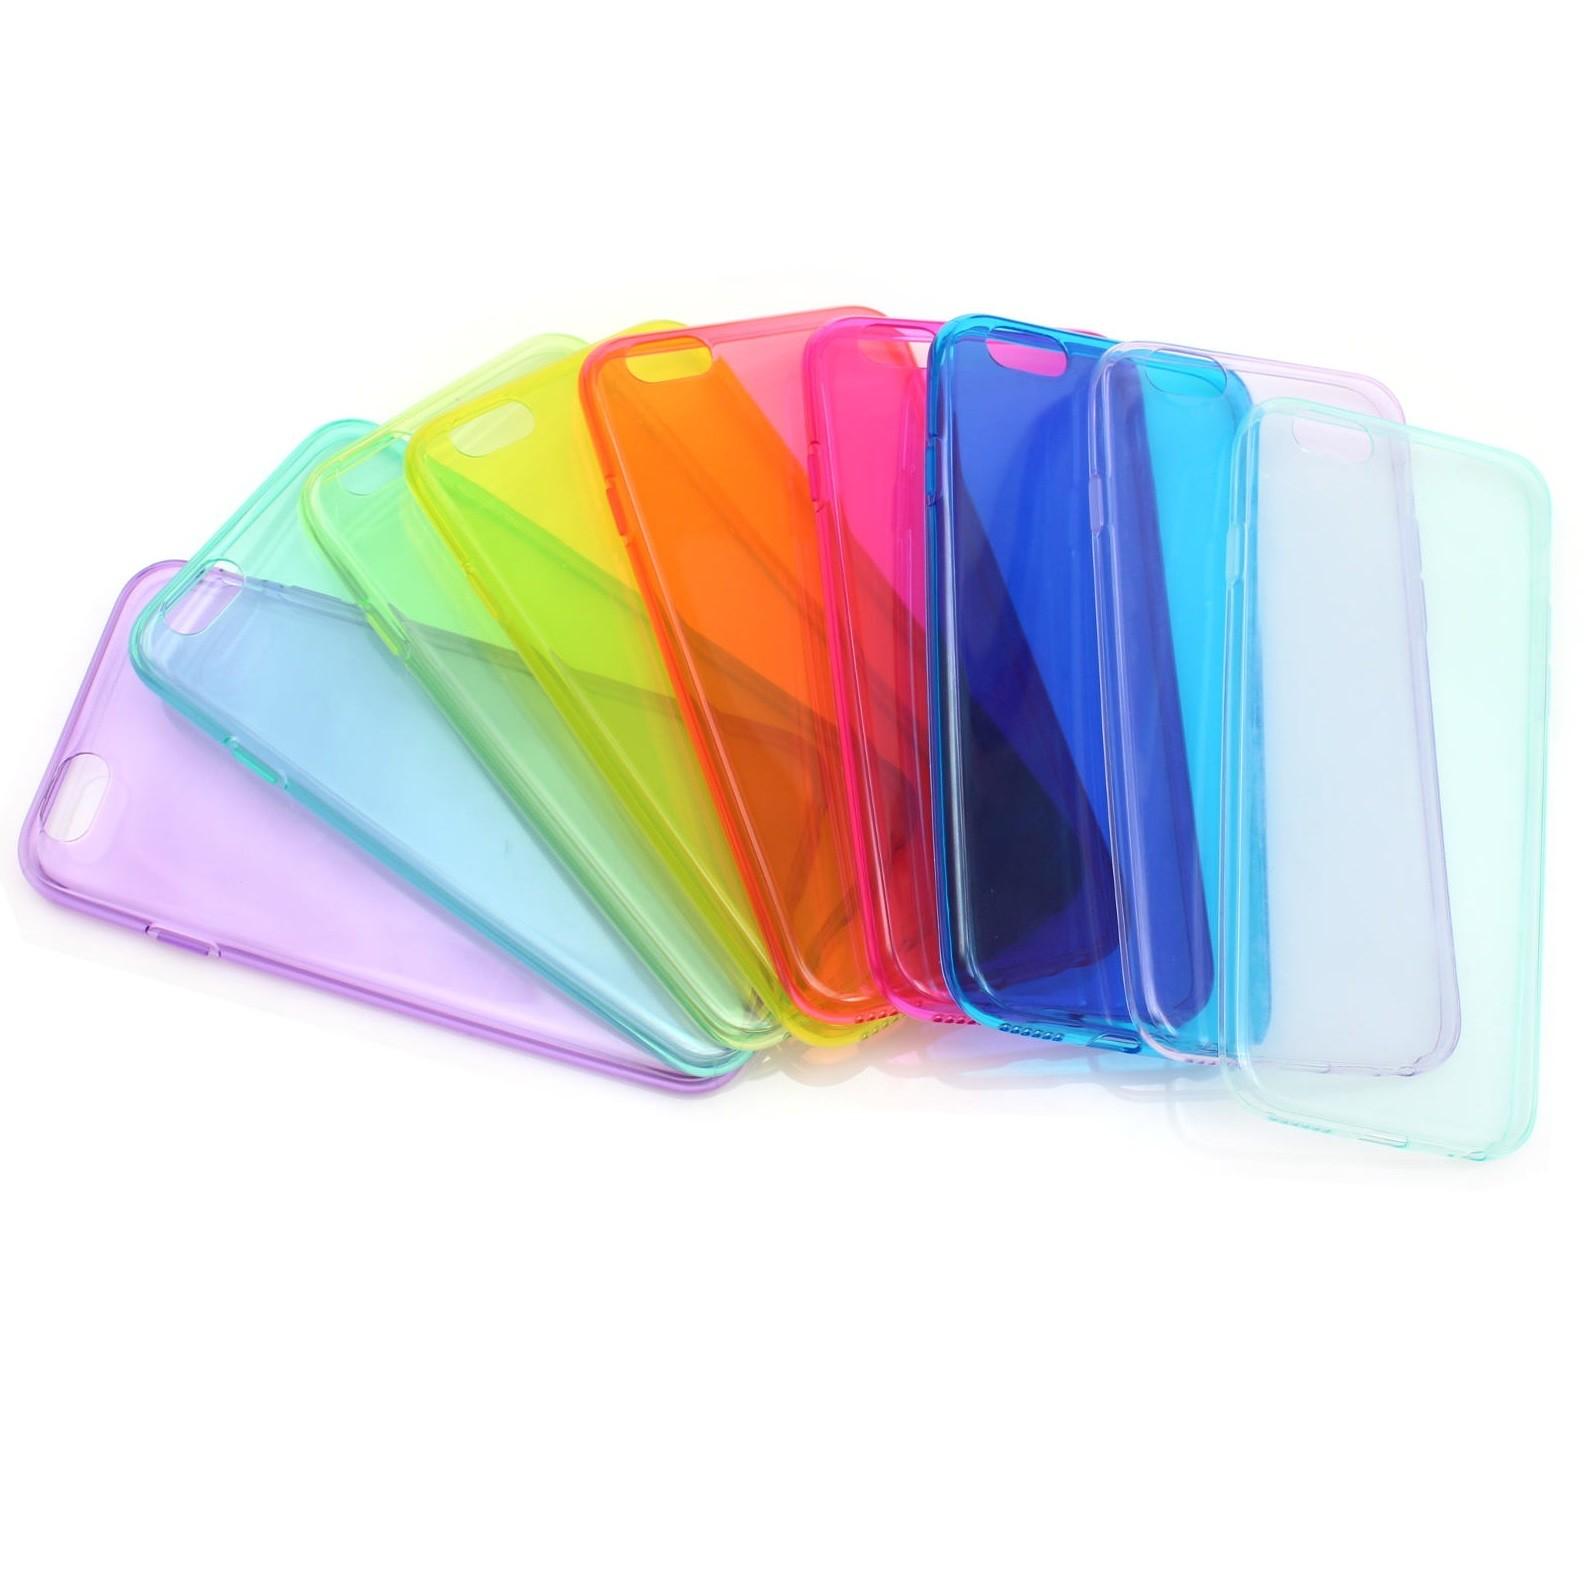 iPhone 6 Värikäs suojakuori